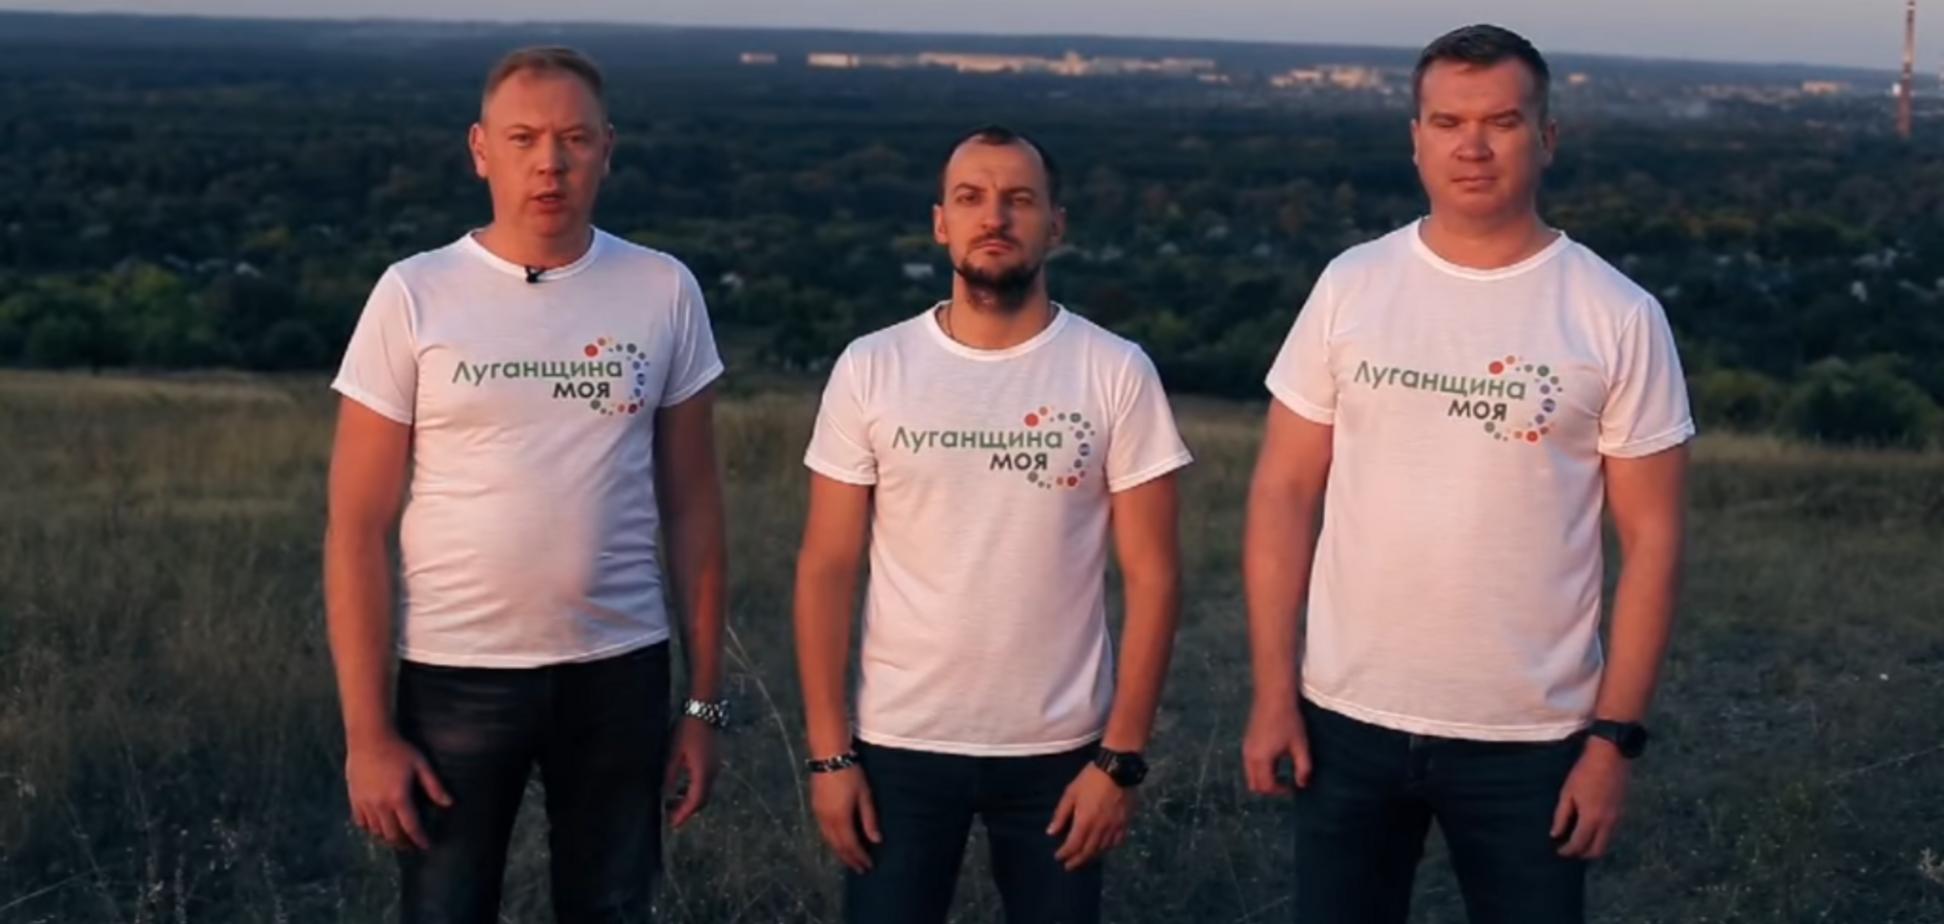 'Слабоумие и отвага?' Известные переселенцы анонсировали опасную 'прогулку' в Луганск: в сети недоумевают